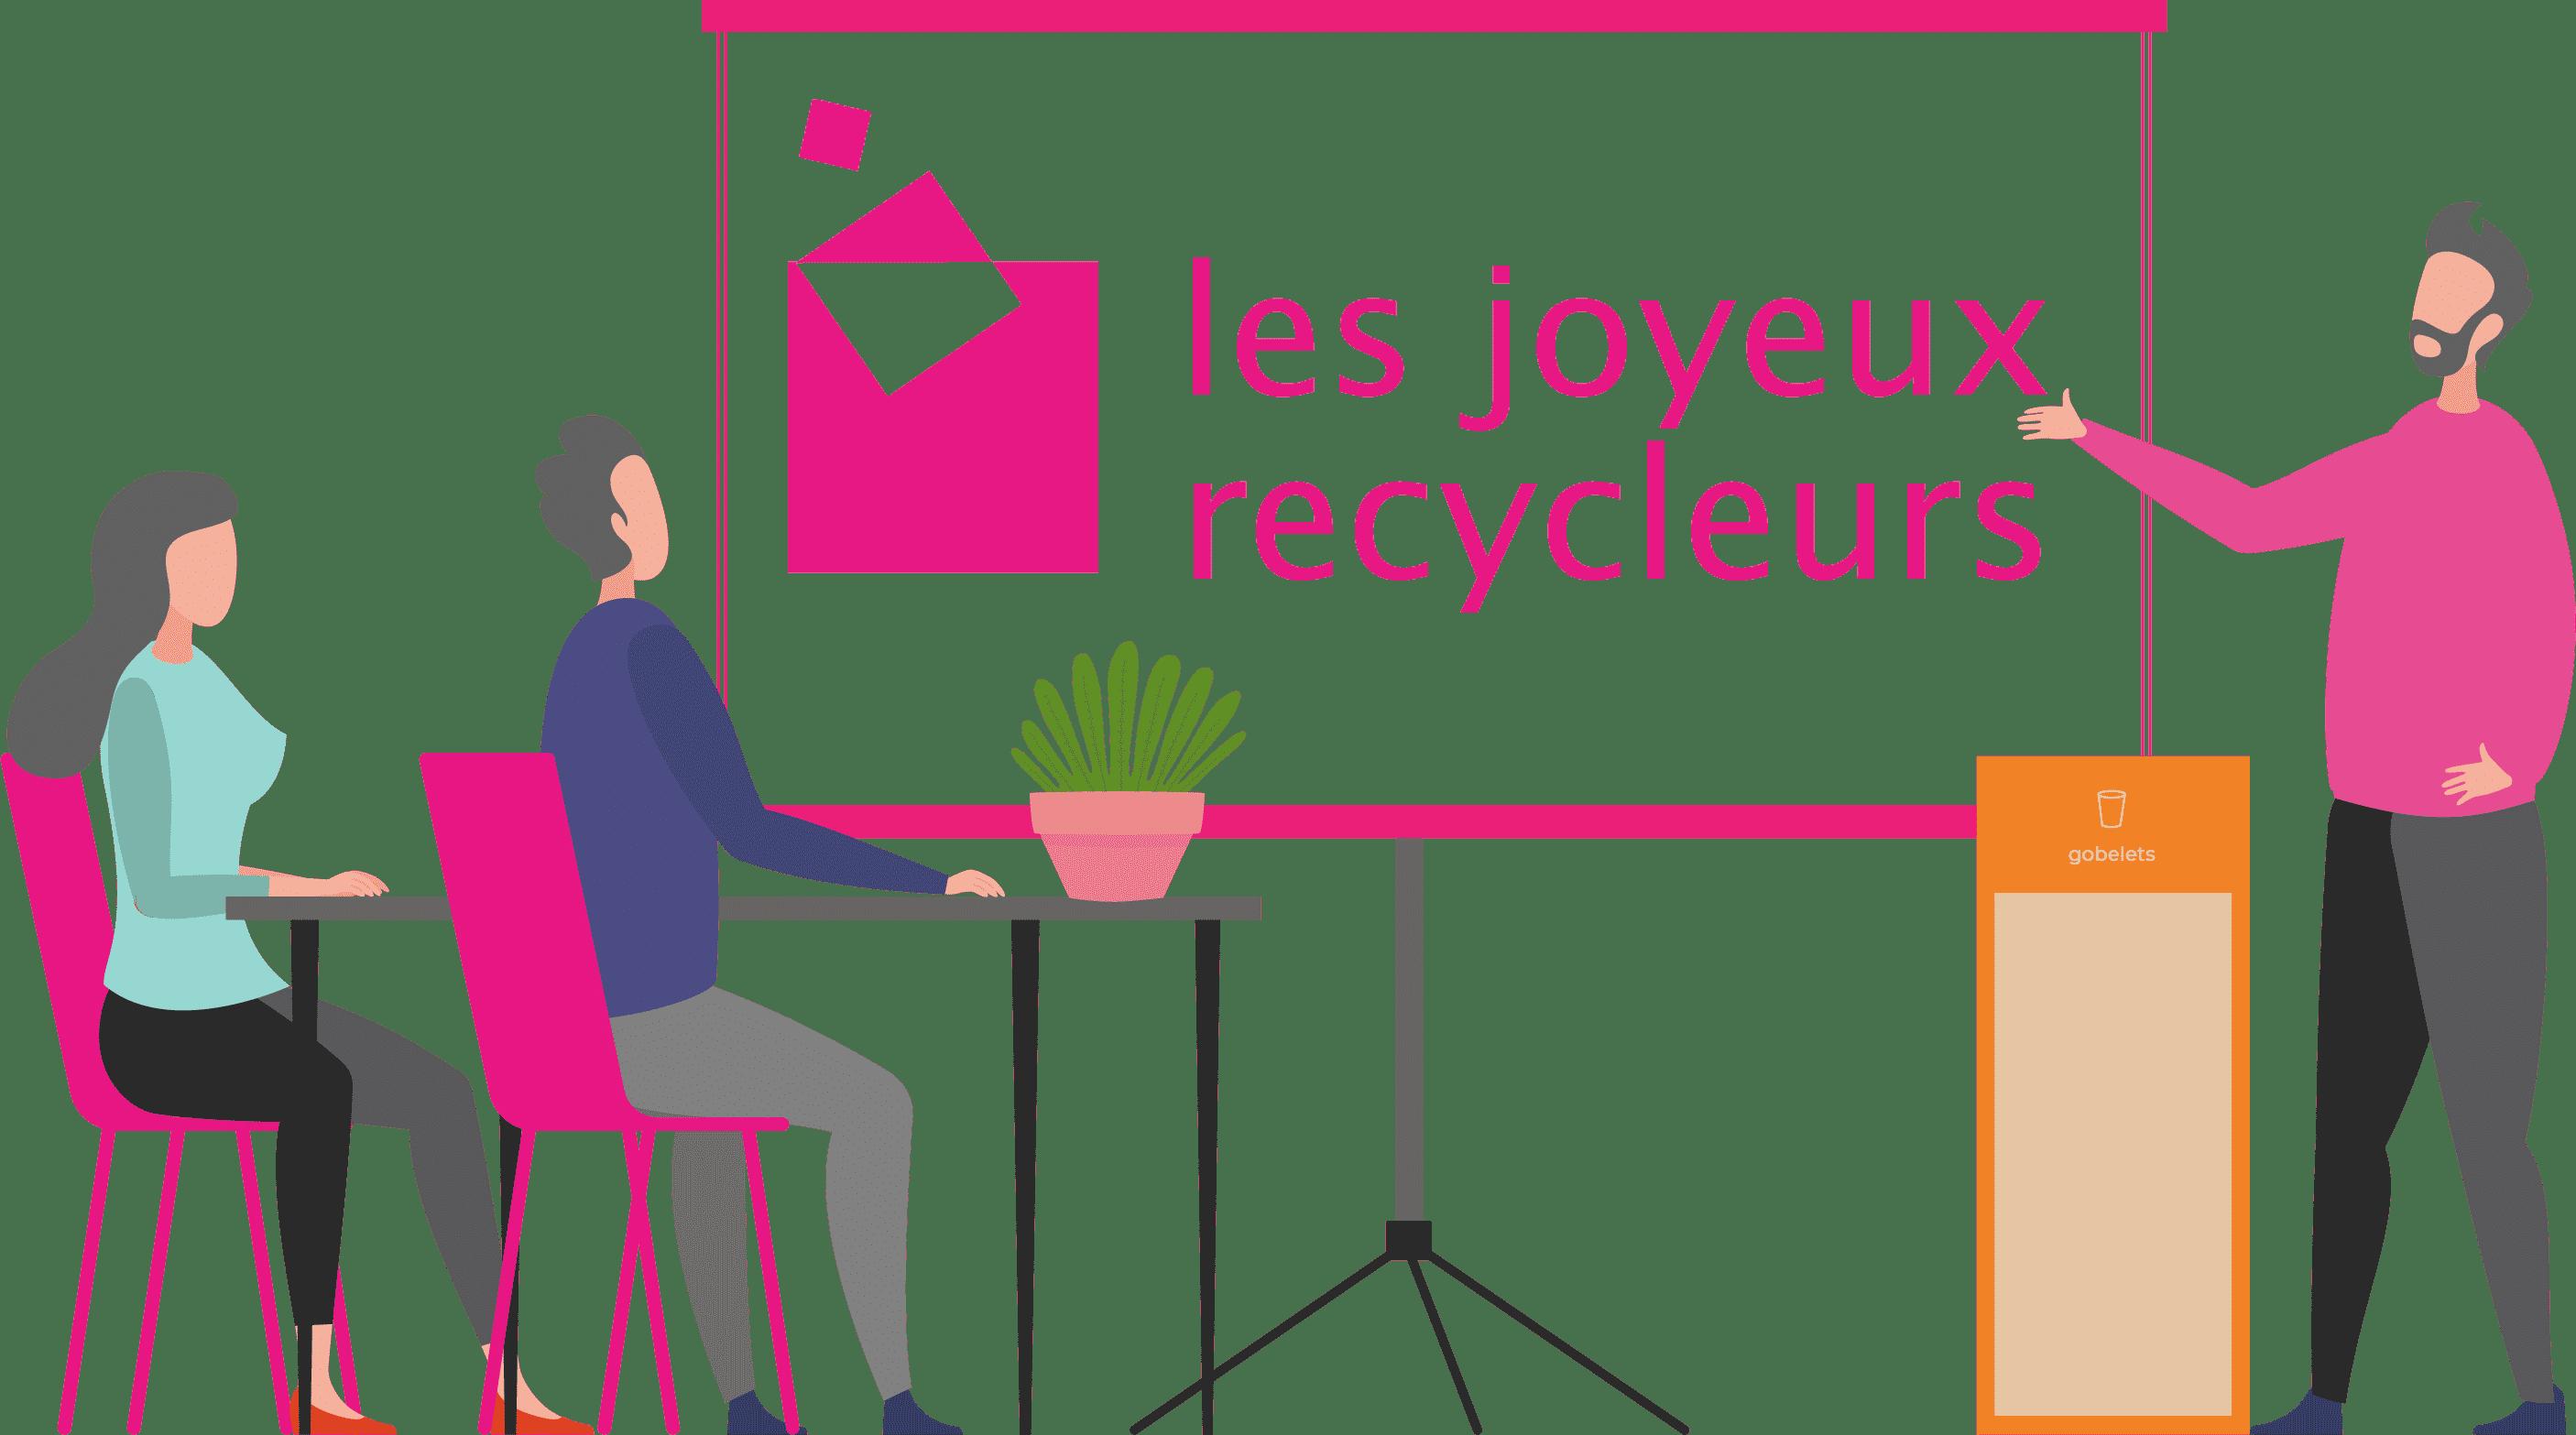 Comment recycler ses gobelets plastique ou carton ?